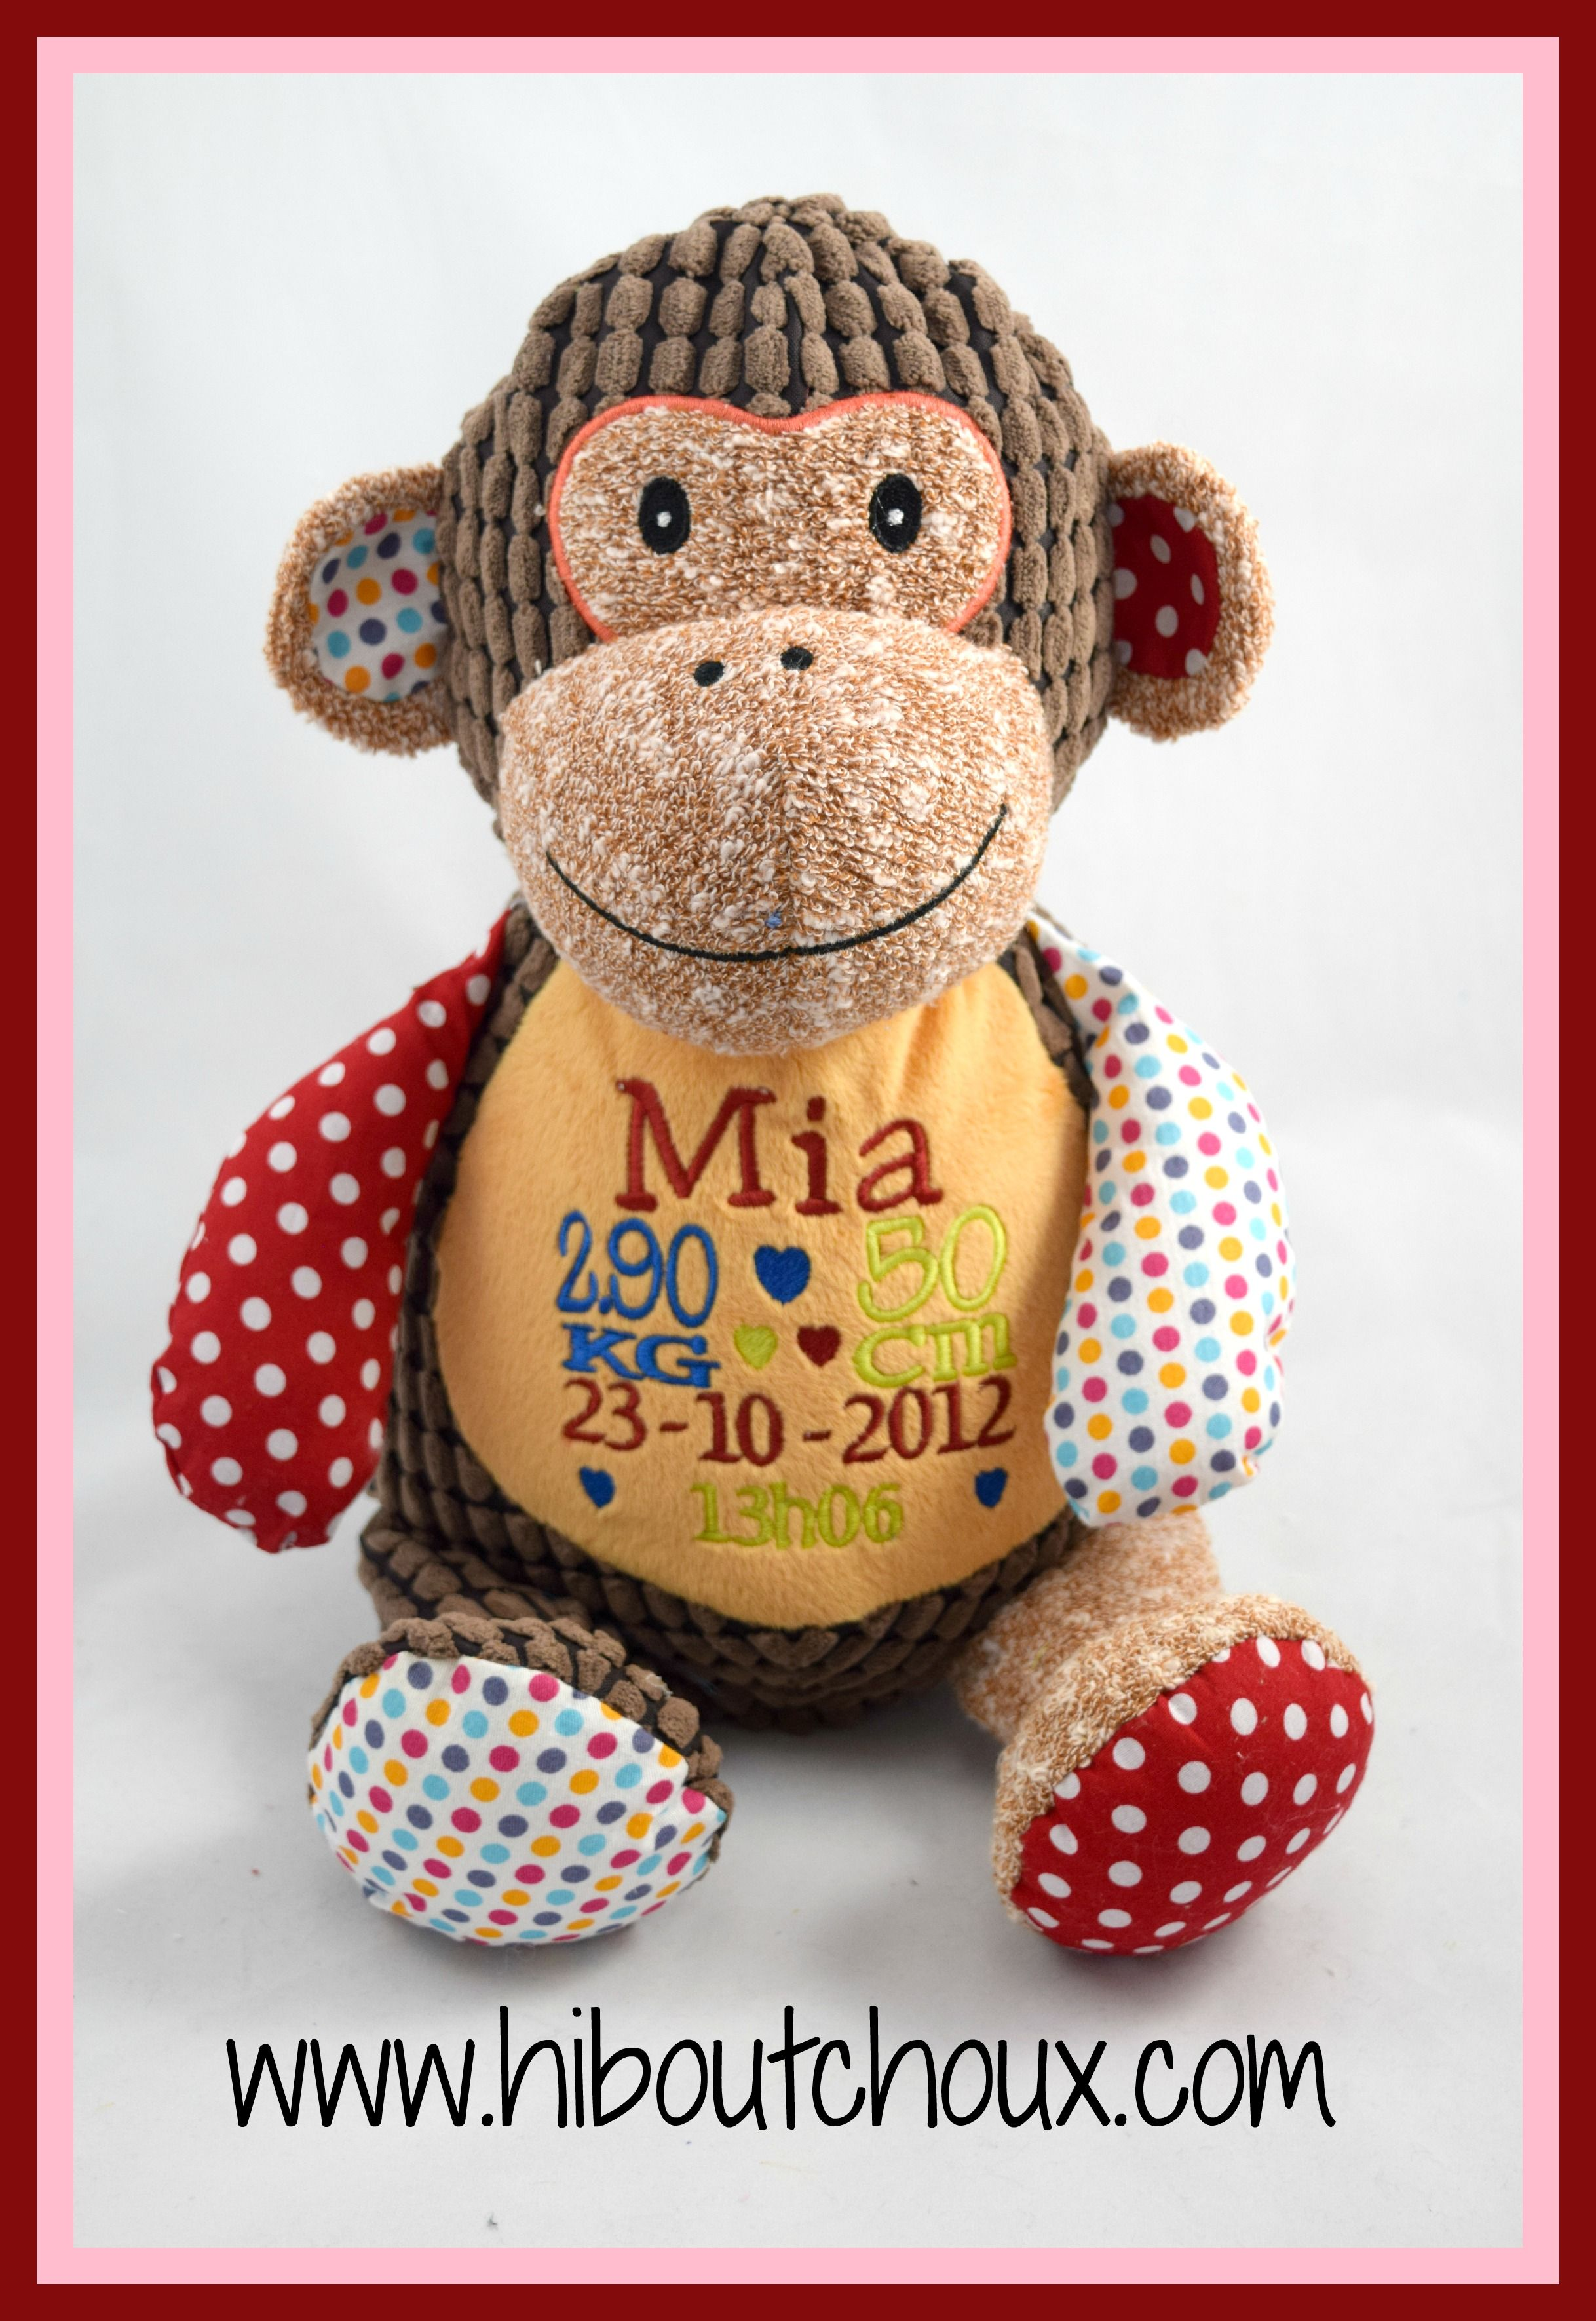 Personalized stuffed animal. Birth details. Toutou